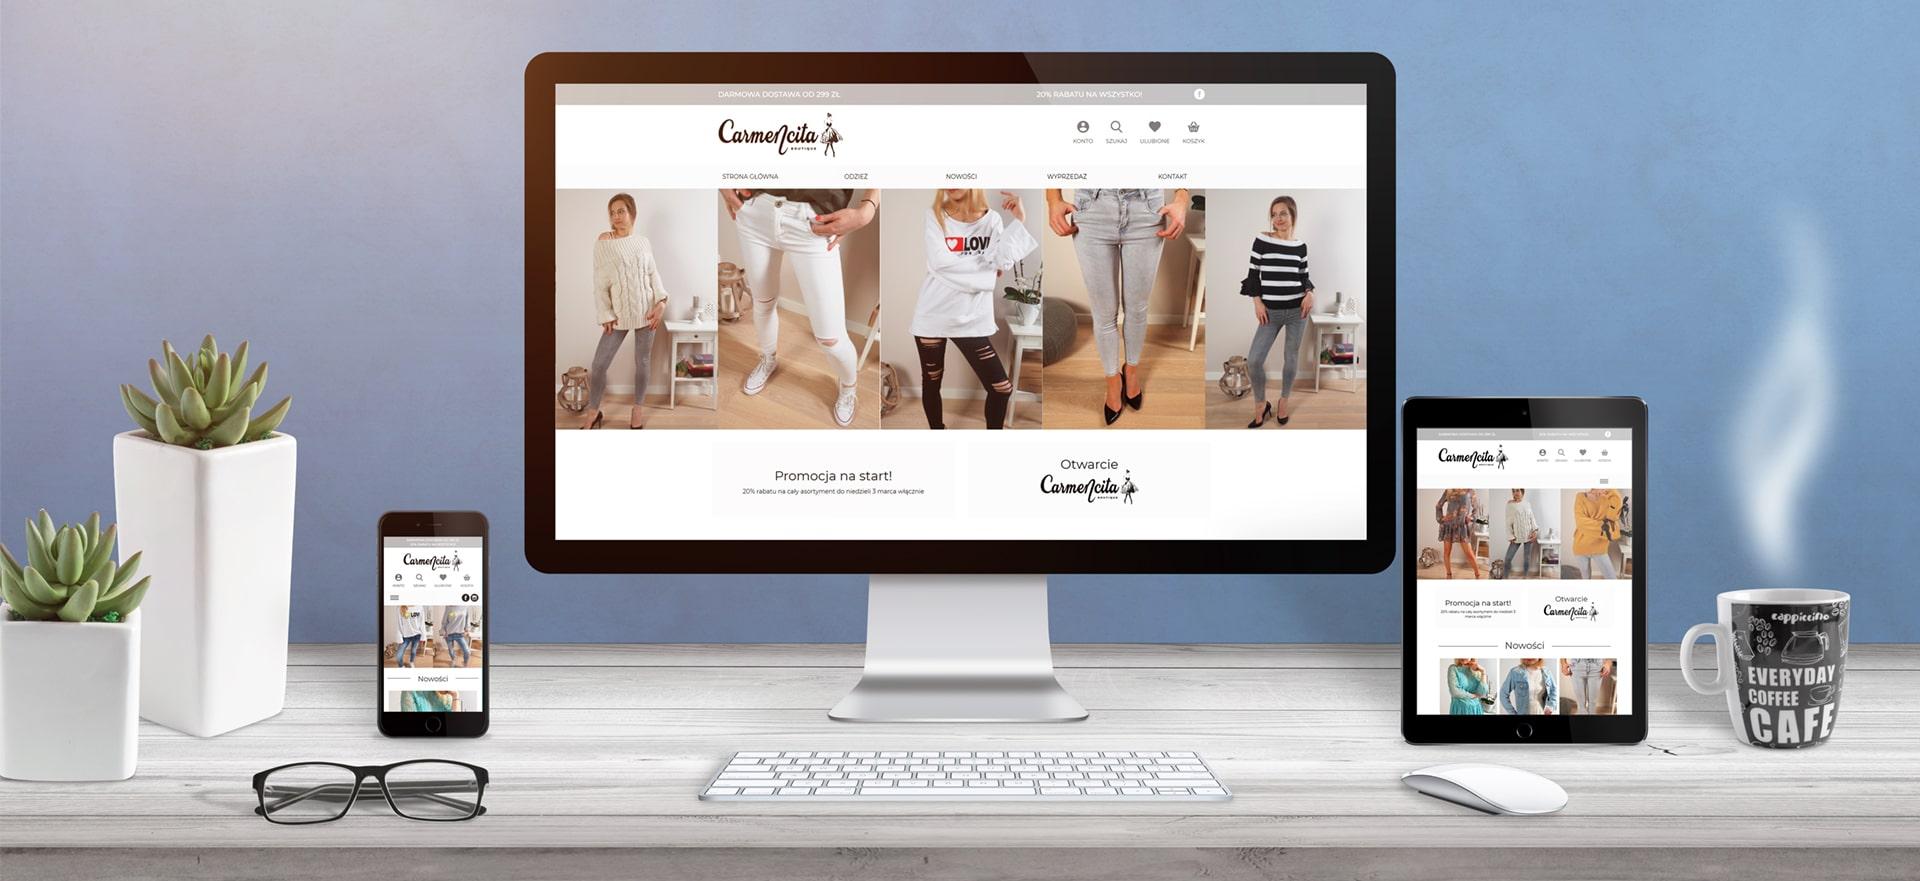 Sklep internetowy z odzieżą włoską Carmencita